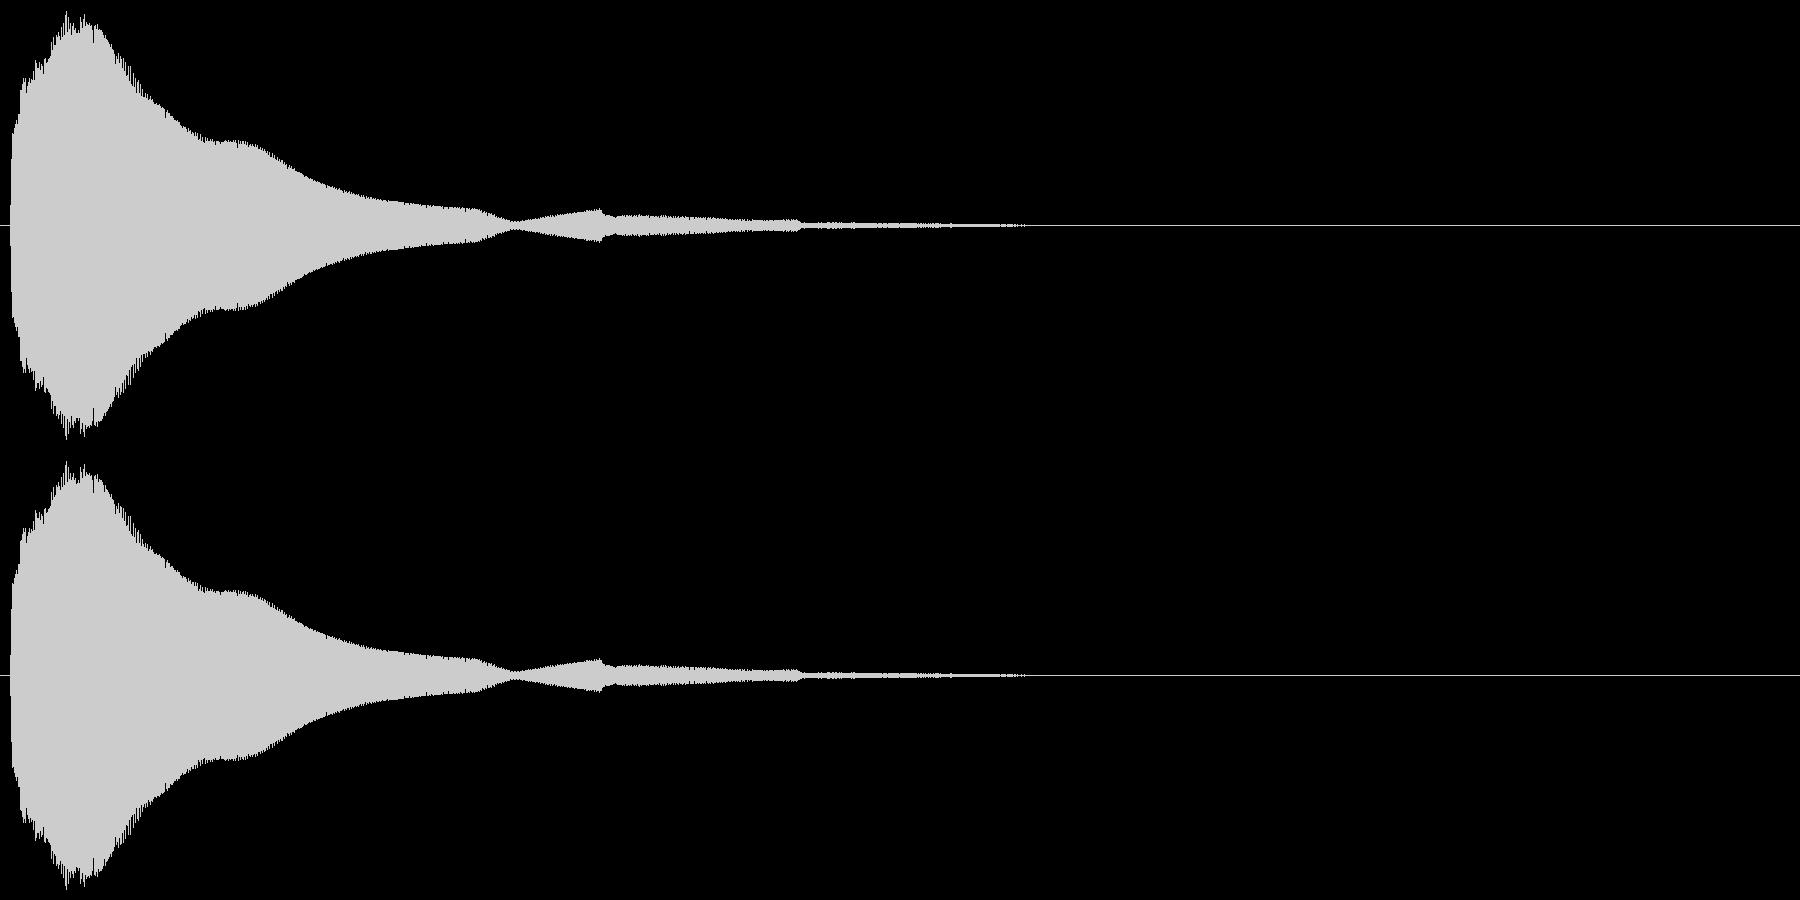 ビブラフォンとシンセで作ったボタン音の未再生の波形